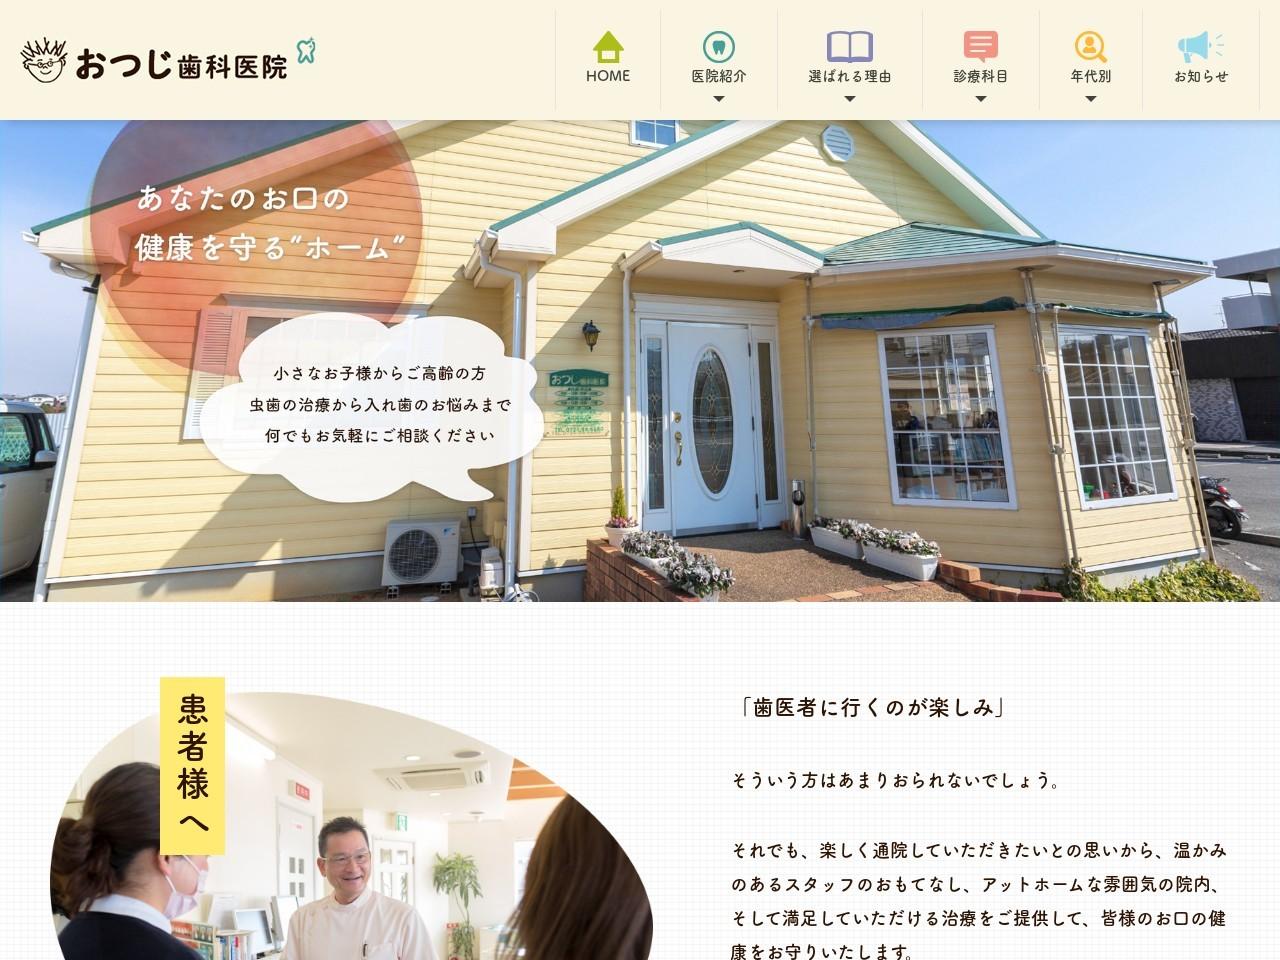 おつじ歯科医院 (大阪府泉佐野市)